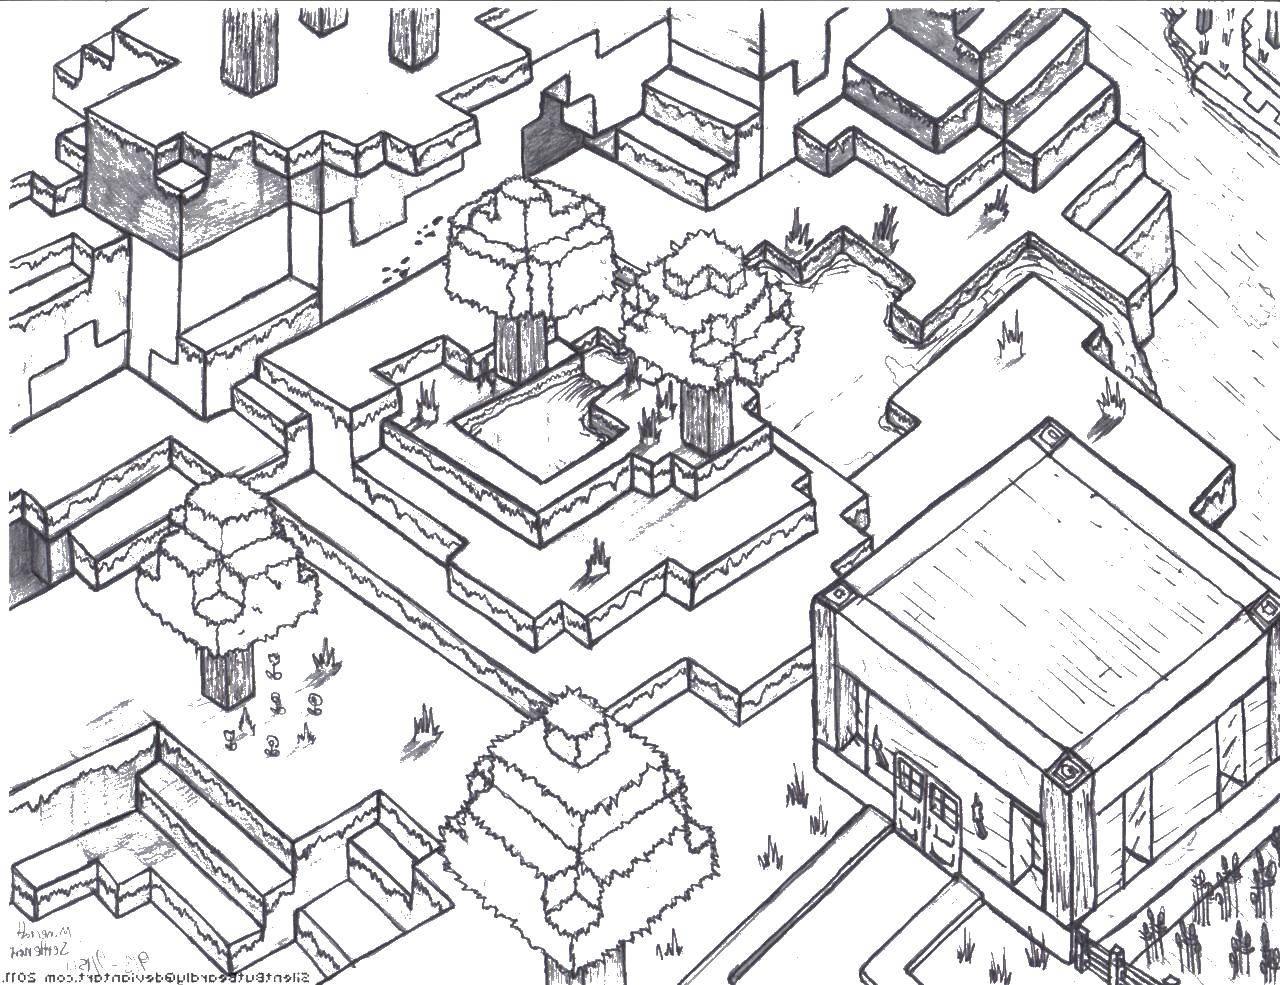 Название: Раскраска Майнкрафт город. Категория: майнкрафт. Теги: майнкрафт, город.